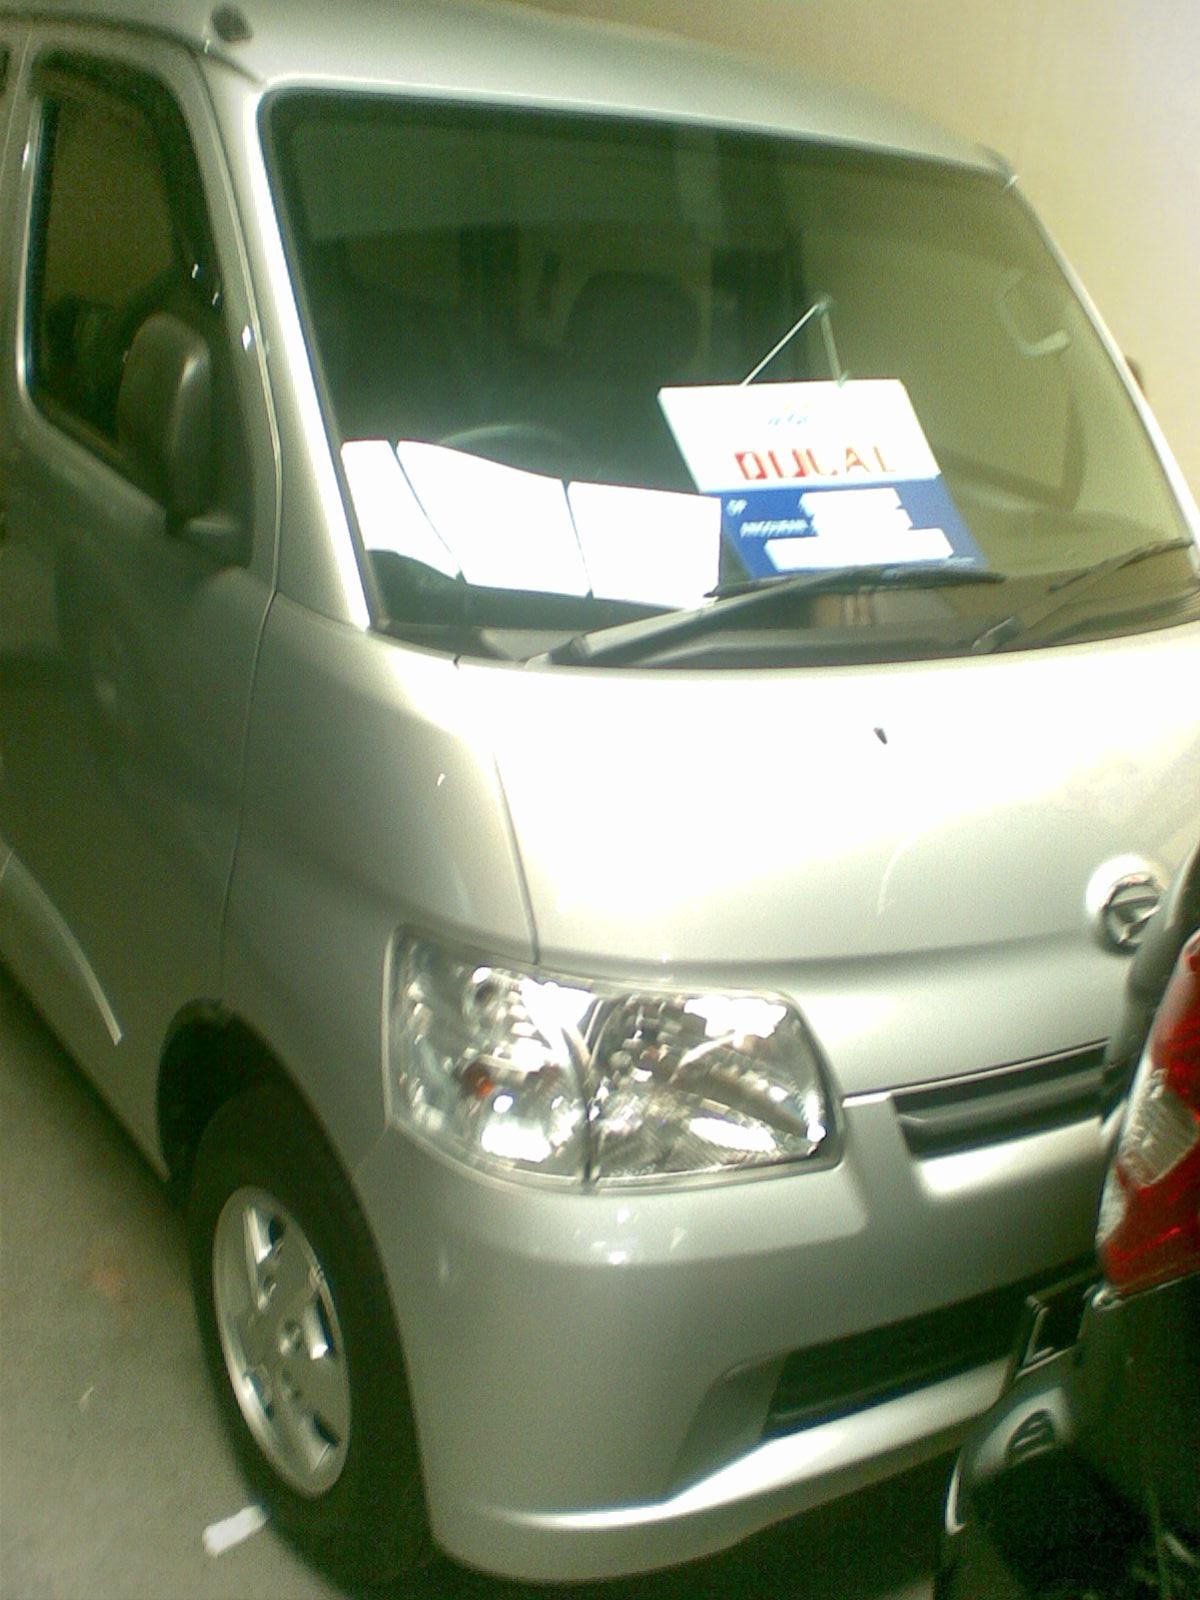 jual beli kredit mobil bekas murah jual mobil bekas daihatsu gran max 1 3 d silver m t surabaya. Black Bedroom Furniture Sets. Home Design Ideas